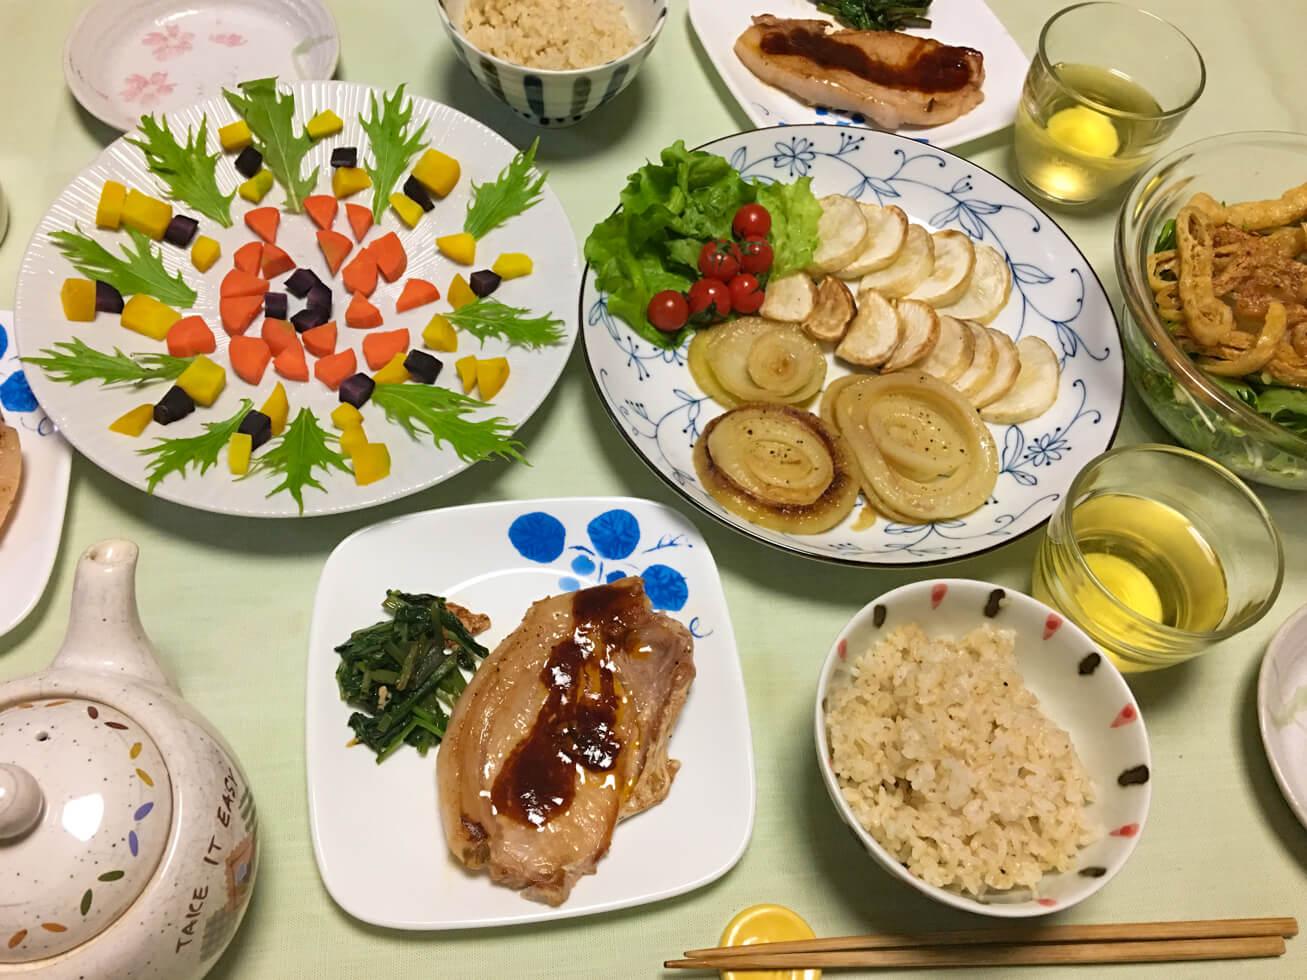 カラフル人参や焼いた玉ねぎのある食卓の写真